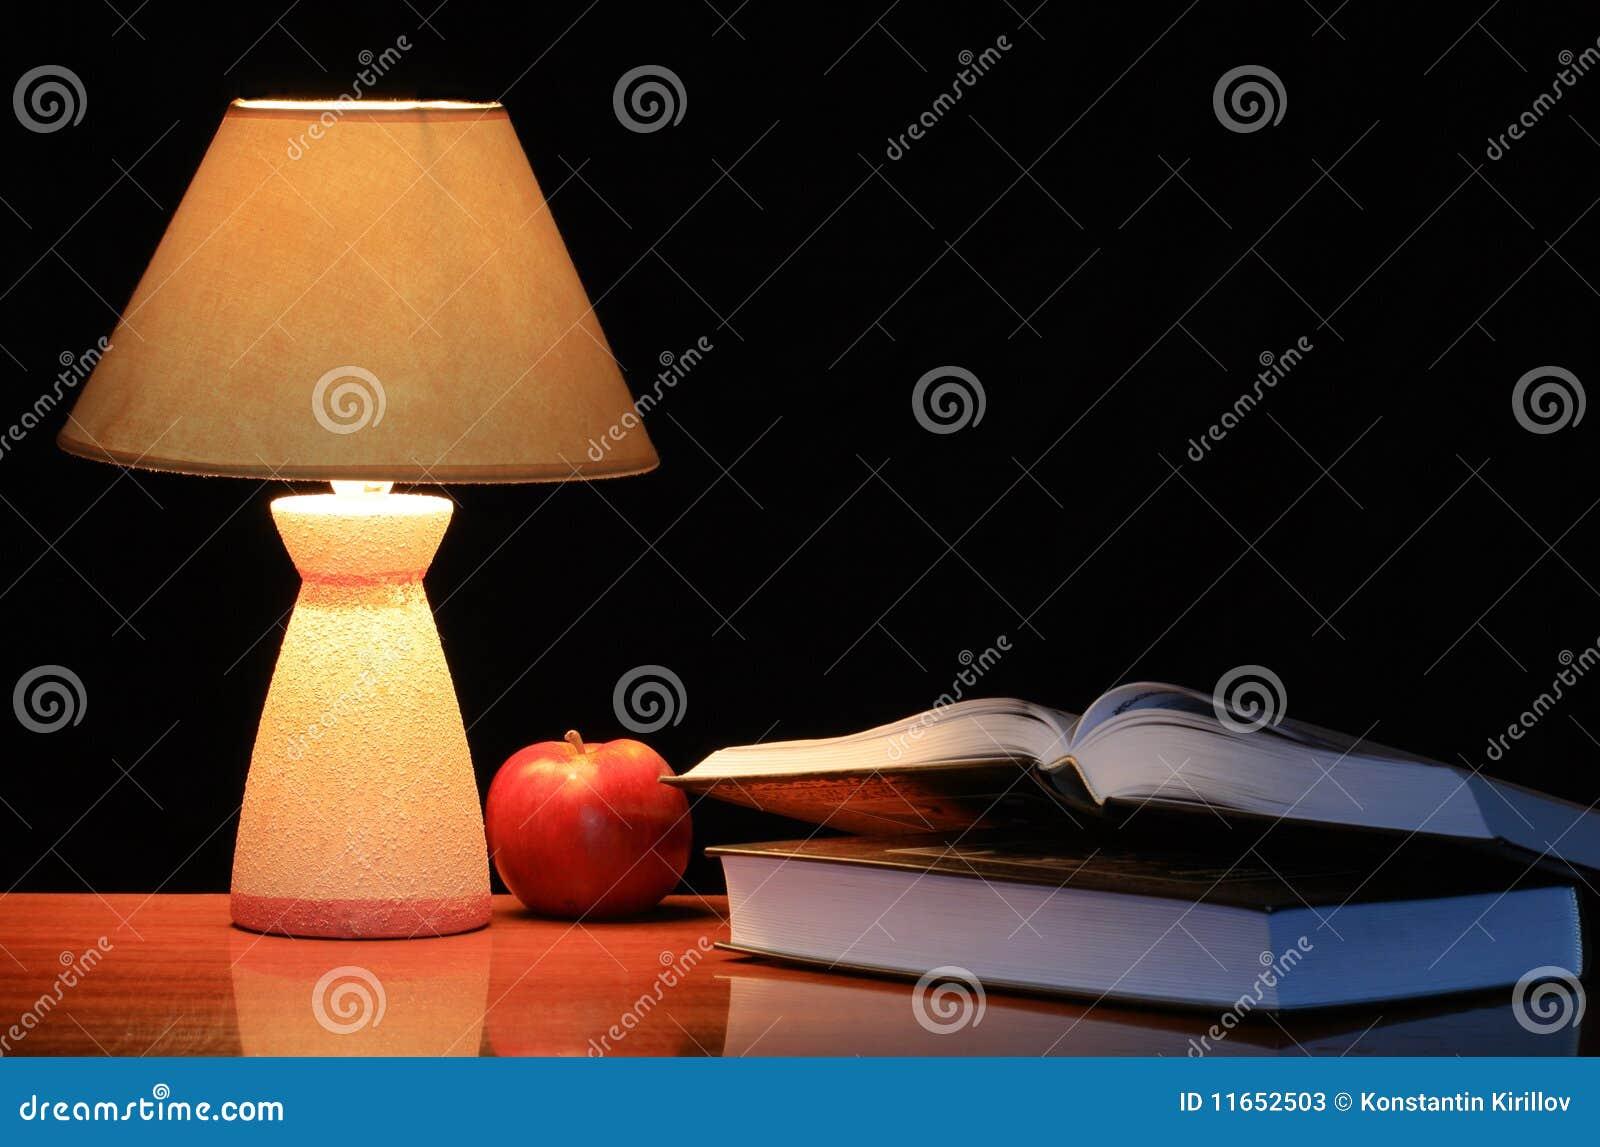 Night Reading Stock Photos - Image: 11652503